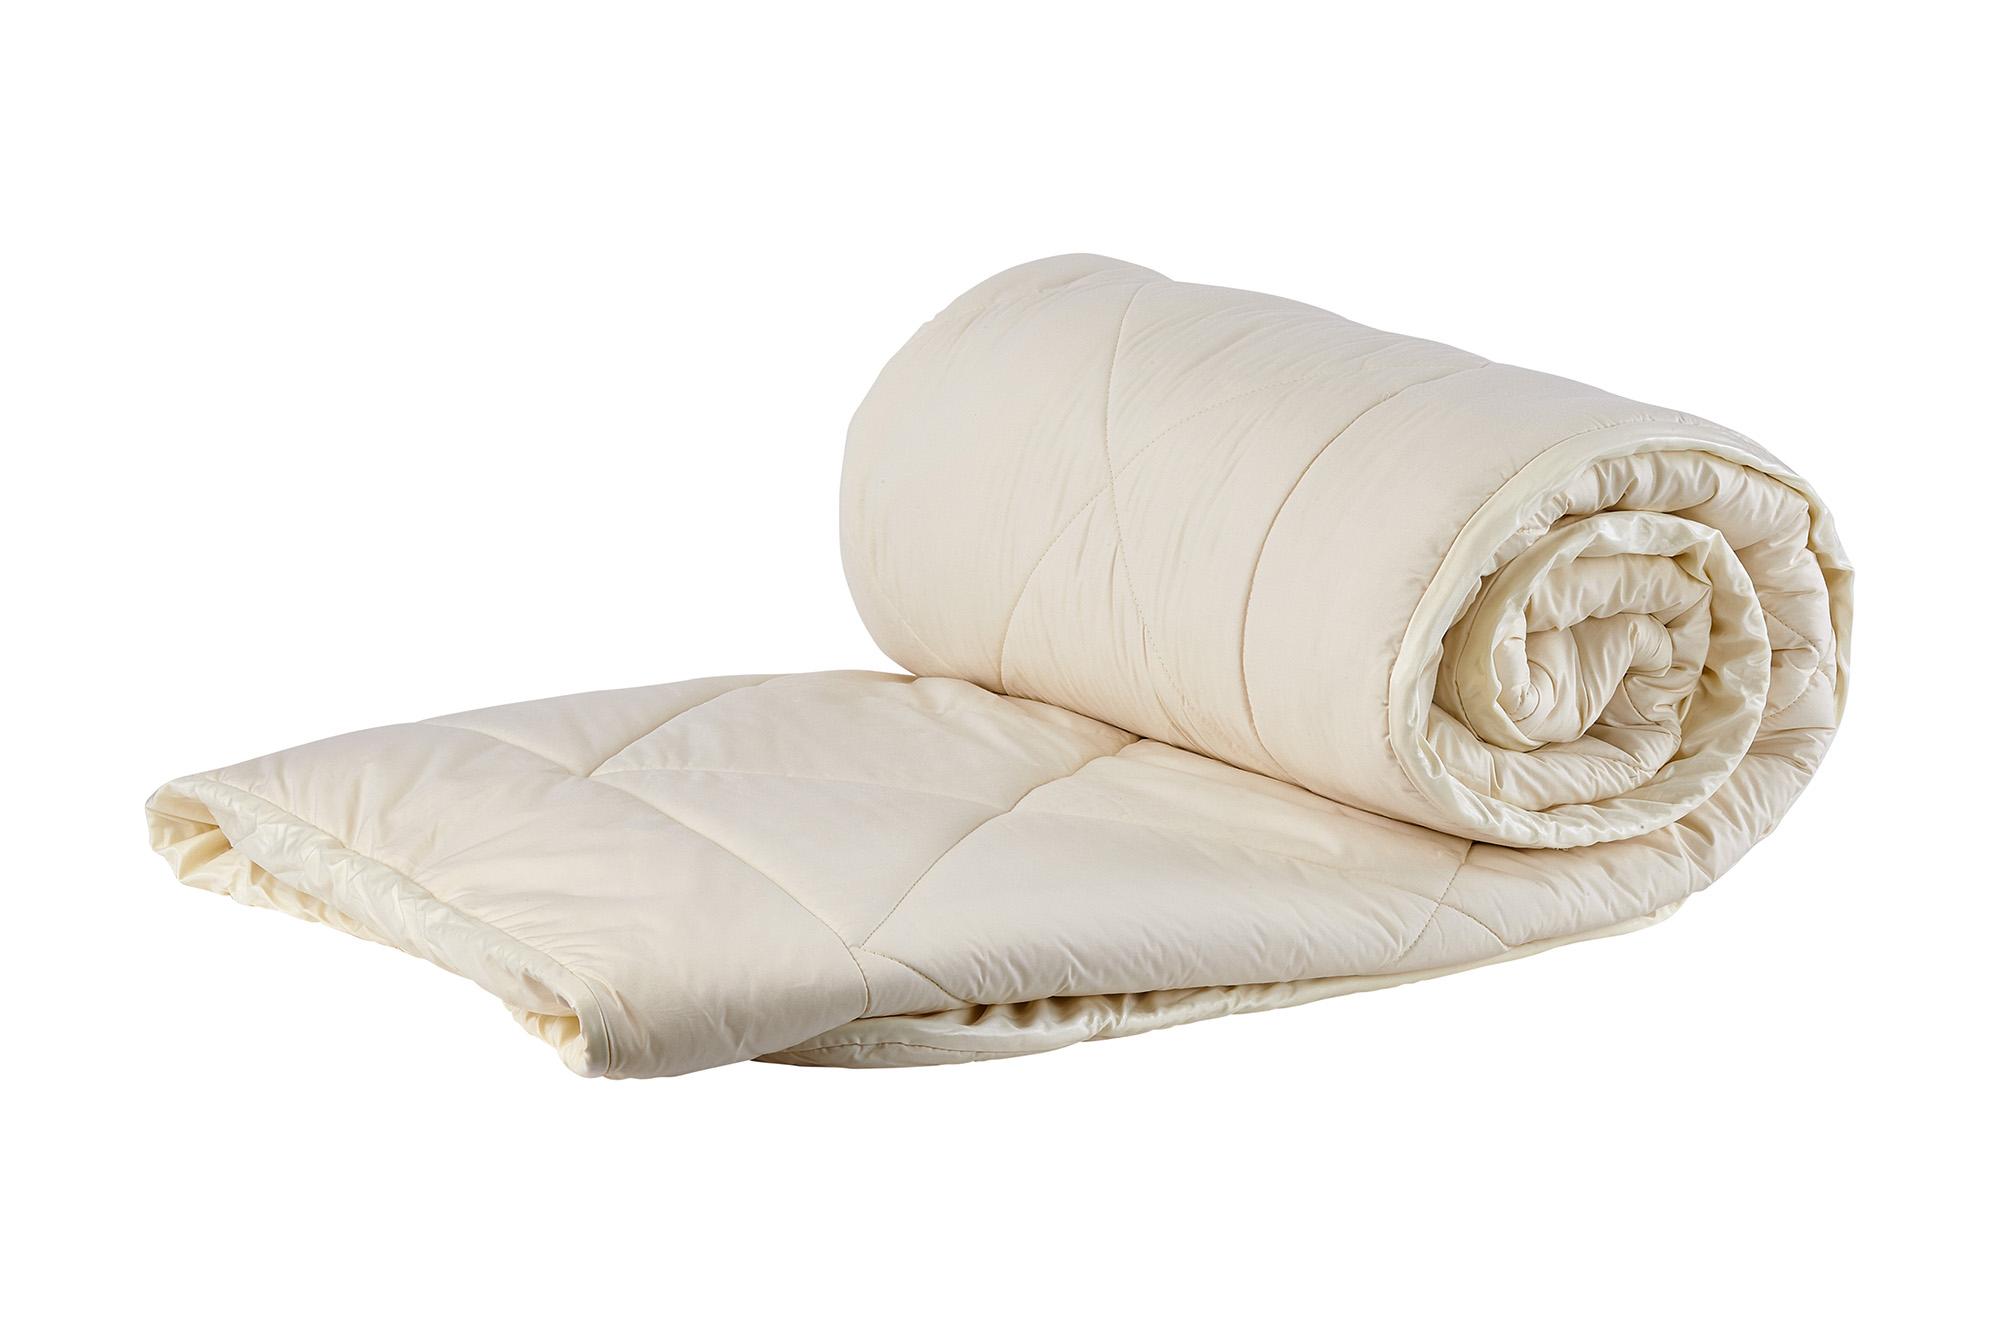 Wool Mattress Pad Denali Downunder Wool Mattress Pads